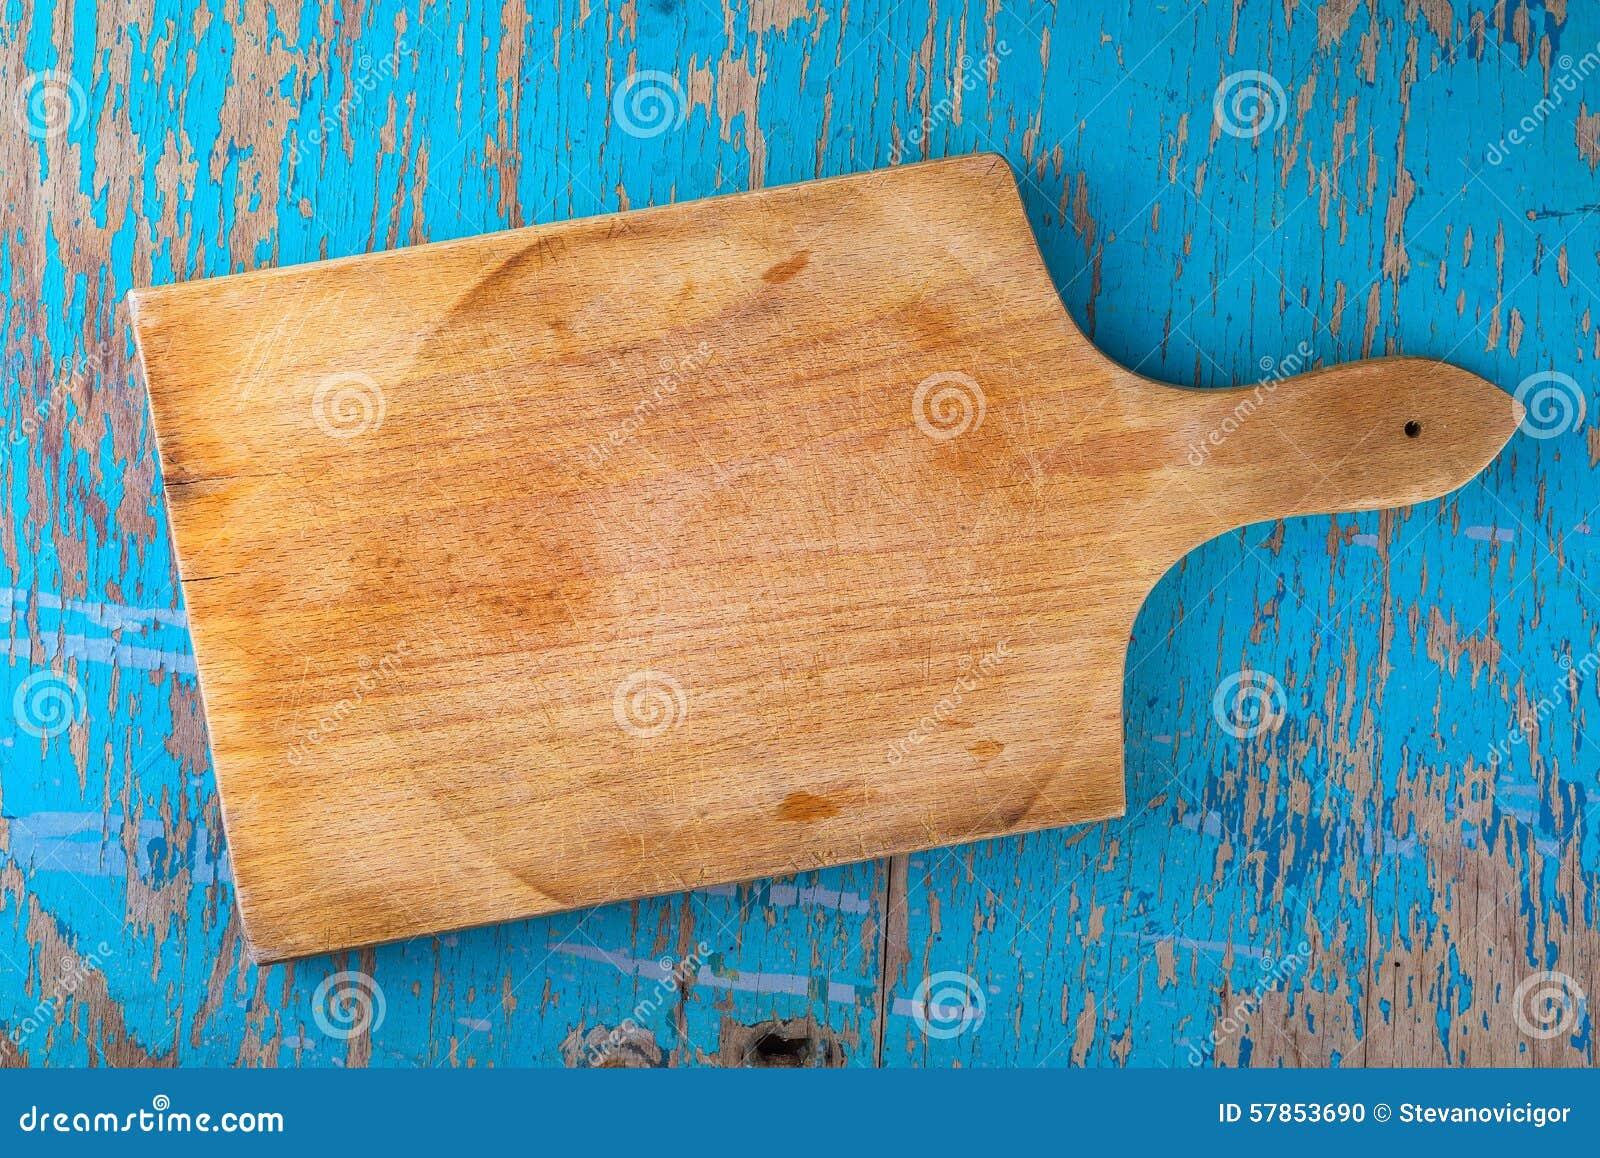 Planche d couper sur la table de cuisine en bois for Planche bois cuisine